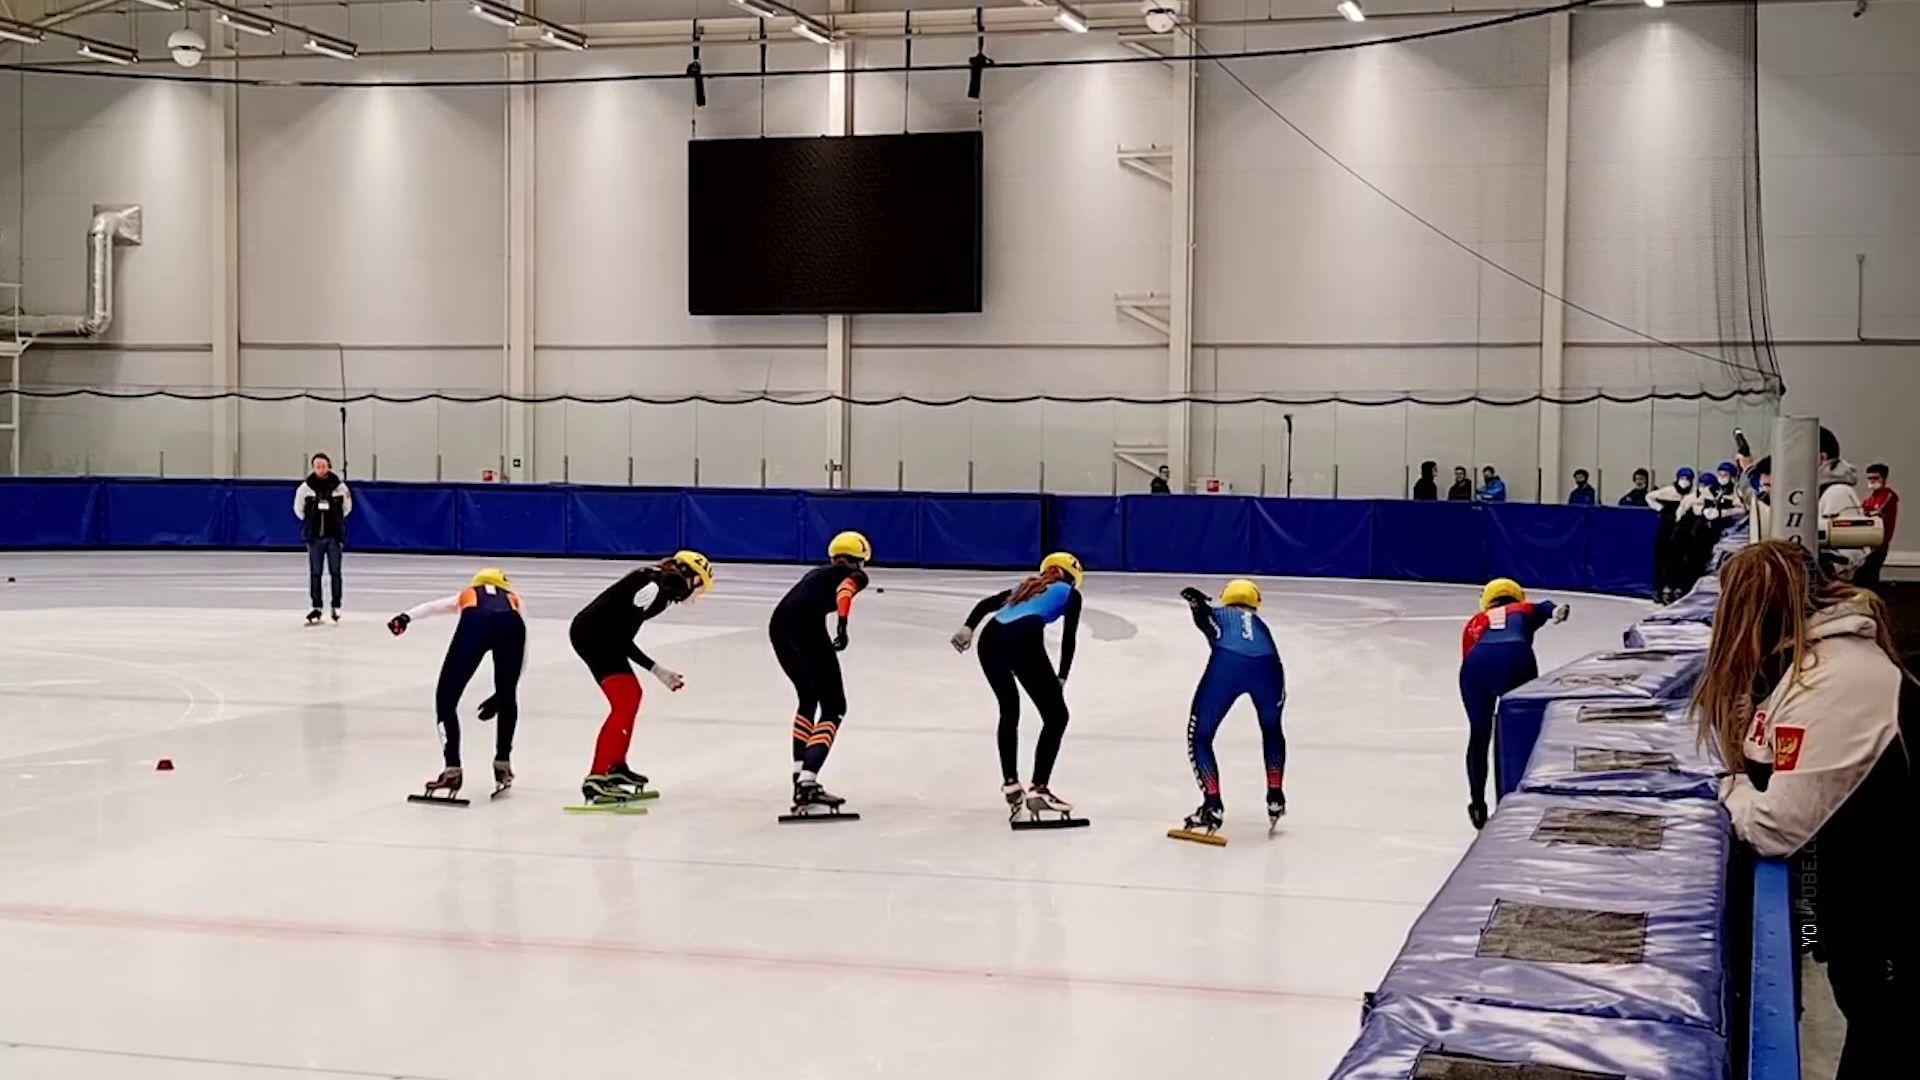 Ярославские спортсмены взяли пять медалей на всероссийских соревнованиях по шорт-треку